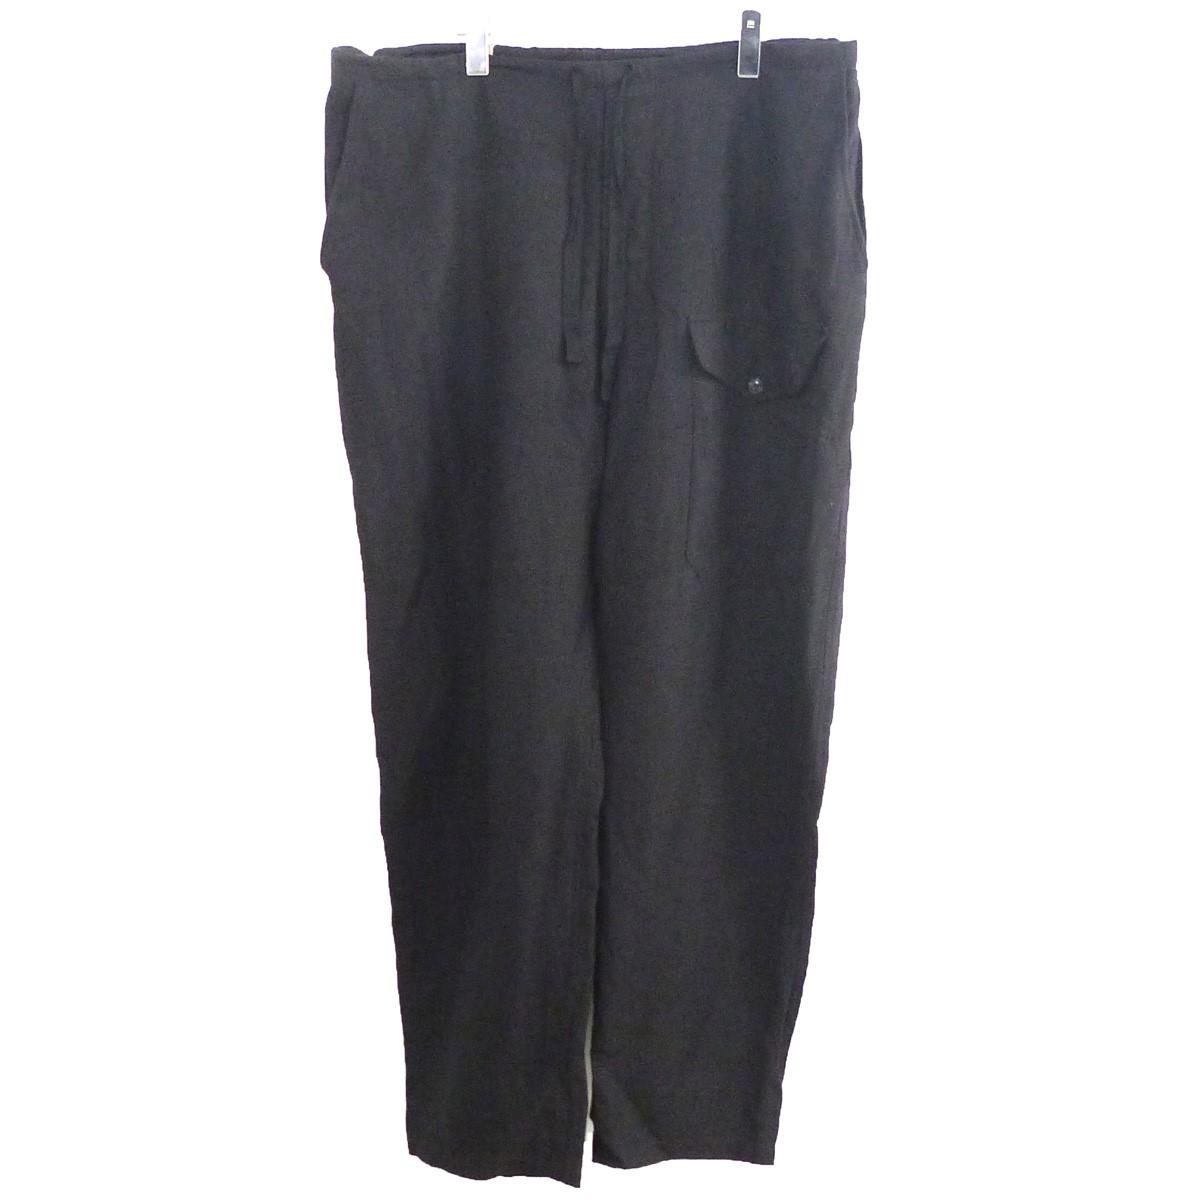 【中古】COMOLI 20SS ヴィスコースリネンドローストリングパンツ ブラック サイズ:3 【170920】(コモリ)